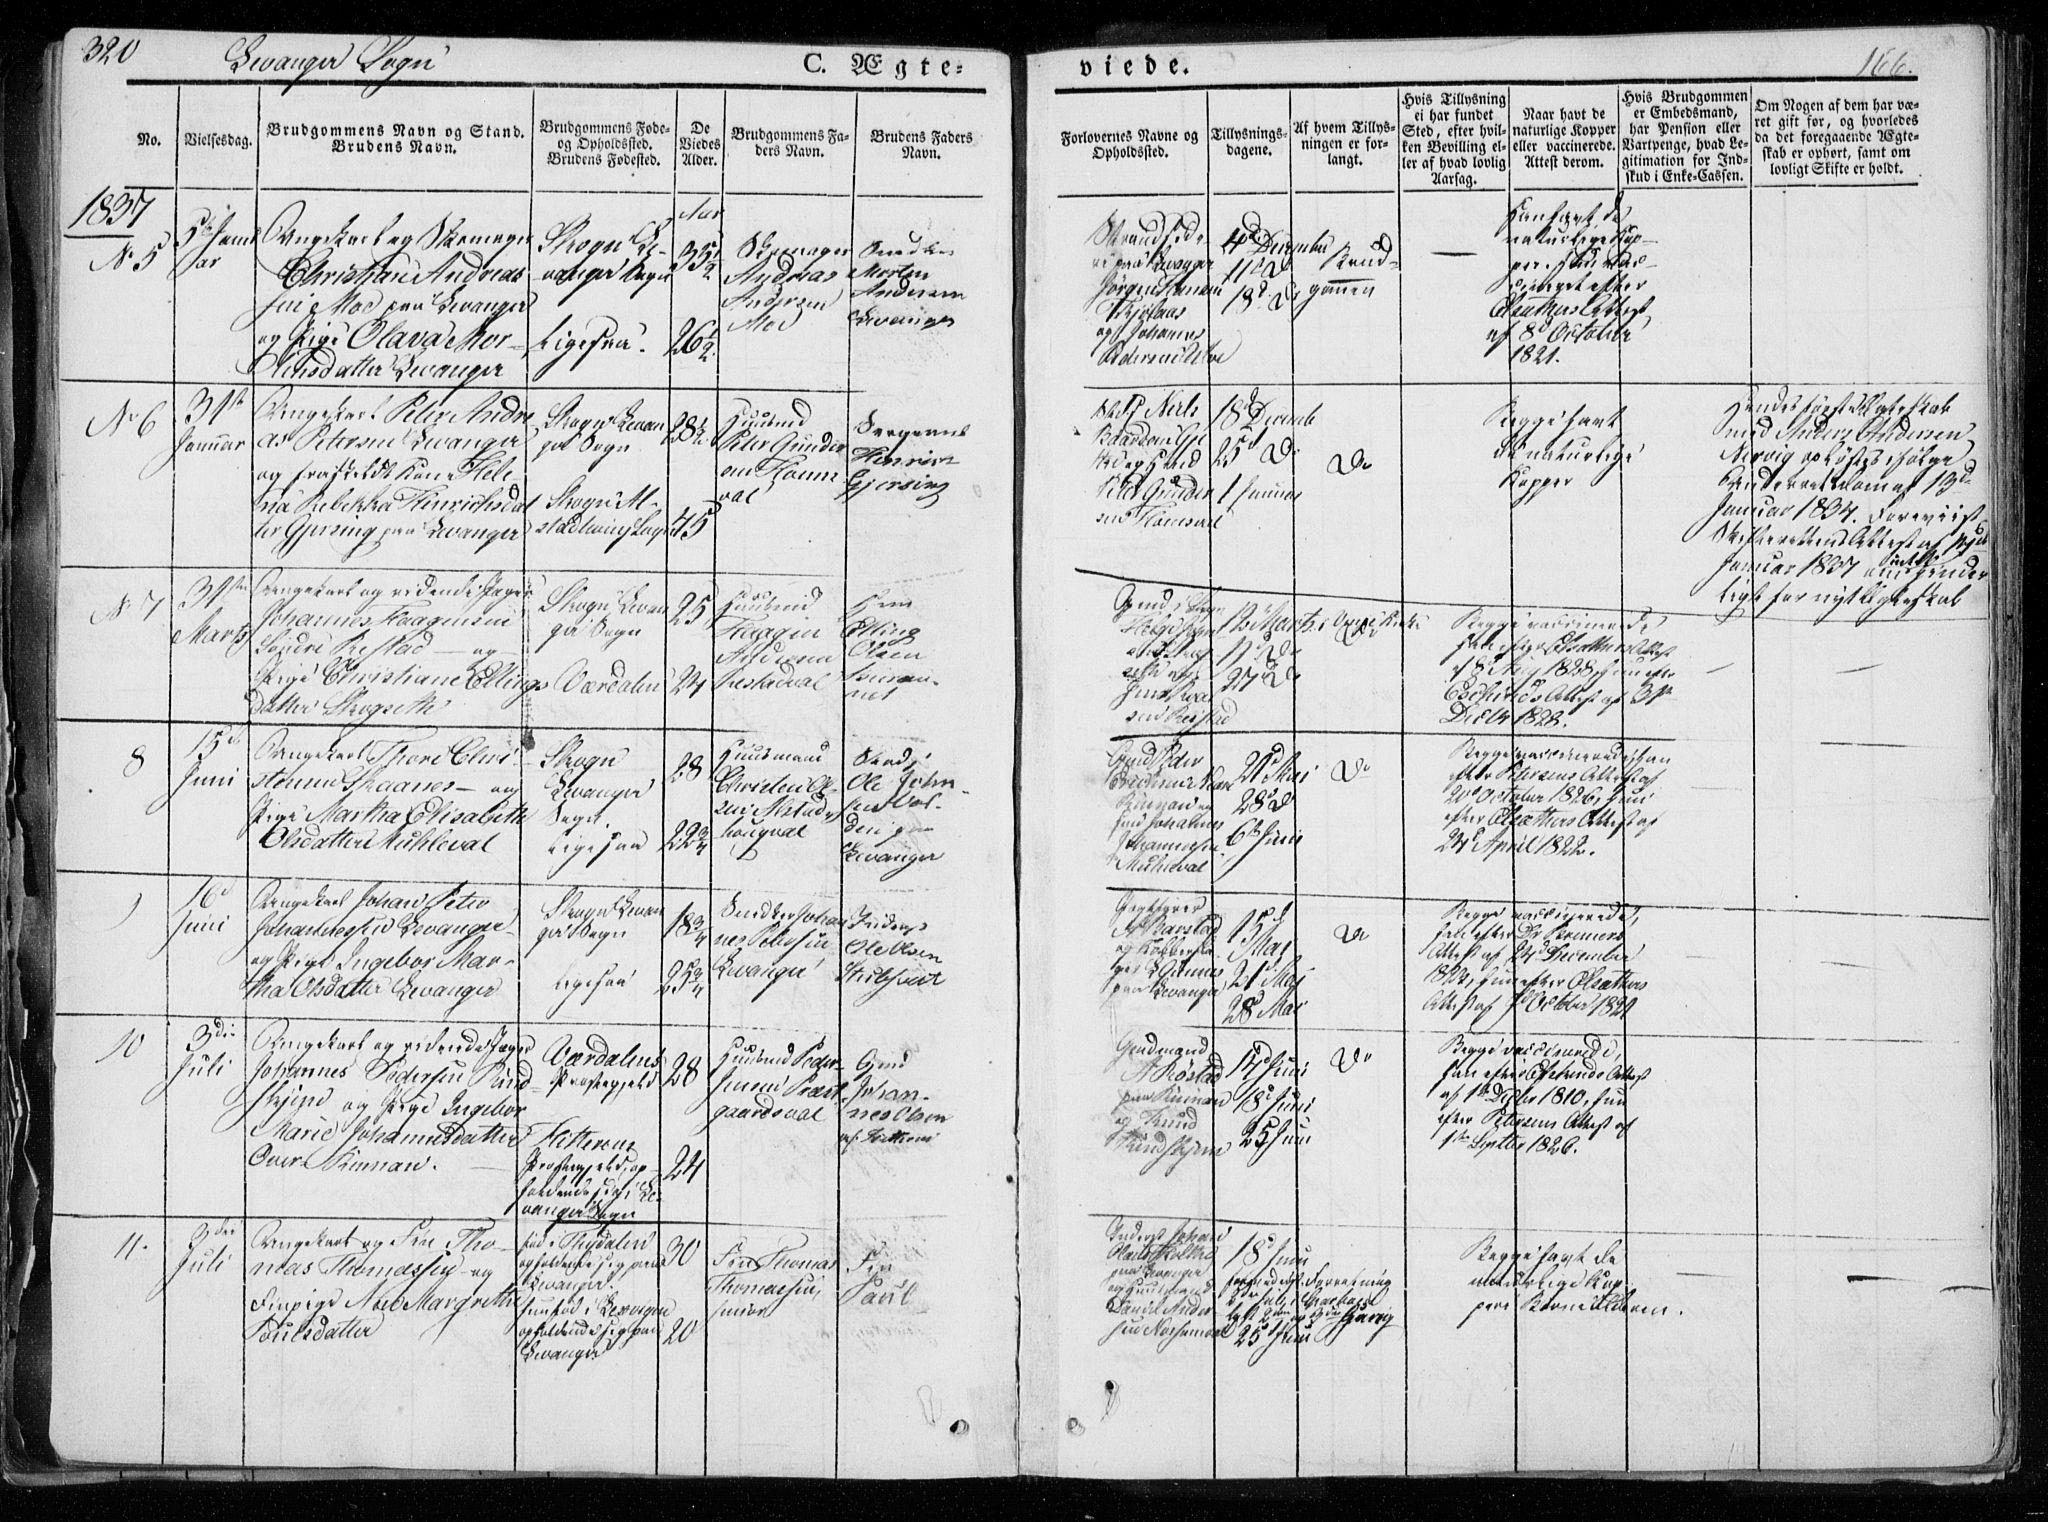 SAT, Ministerialprotokoller, klokkerbøker og fødselsregistre - Nord-Trøndelag, 720/L0183: Ministerialbok nr. 720A01, 1836-1855, s. 166